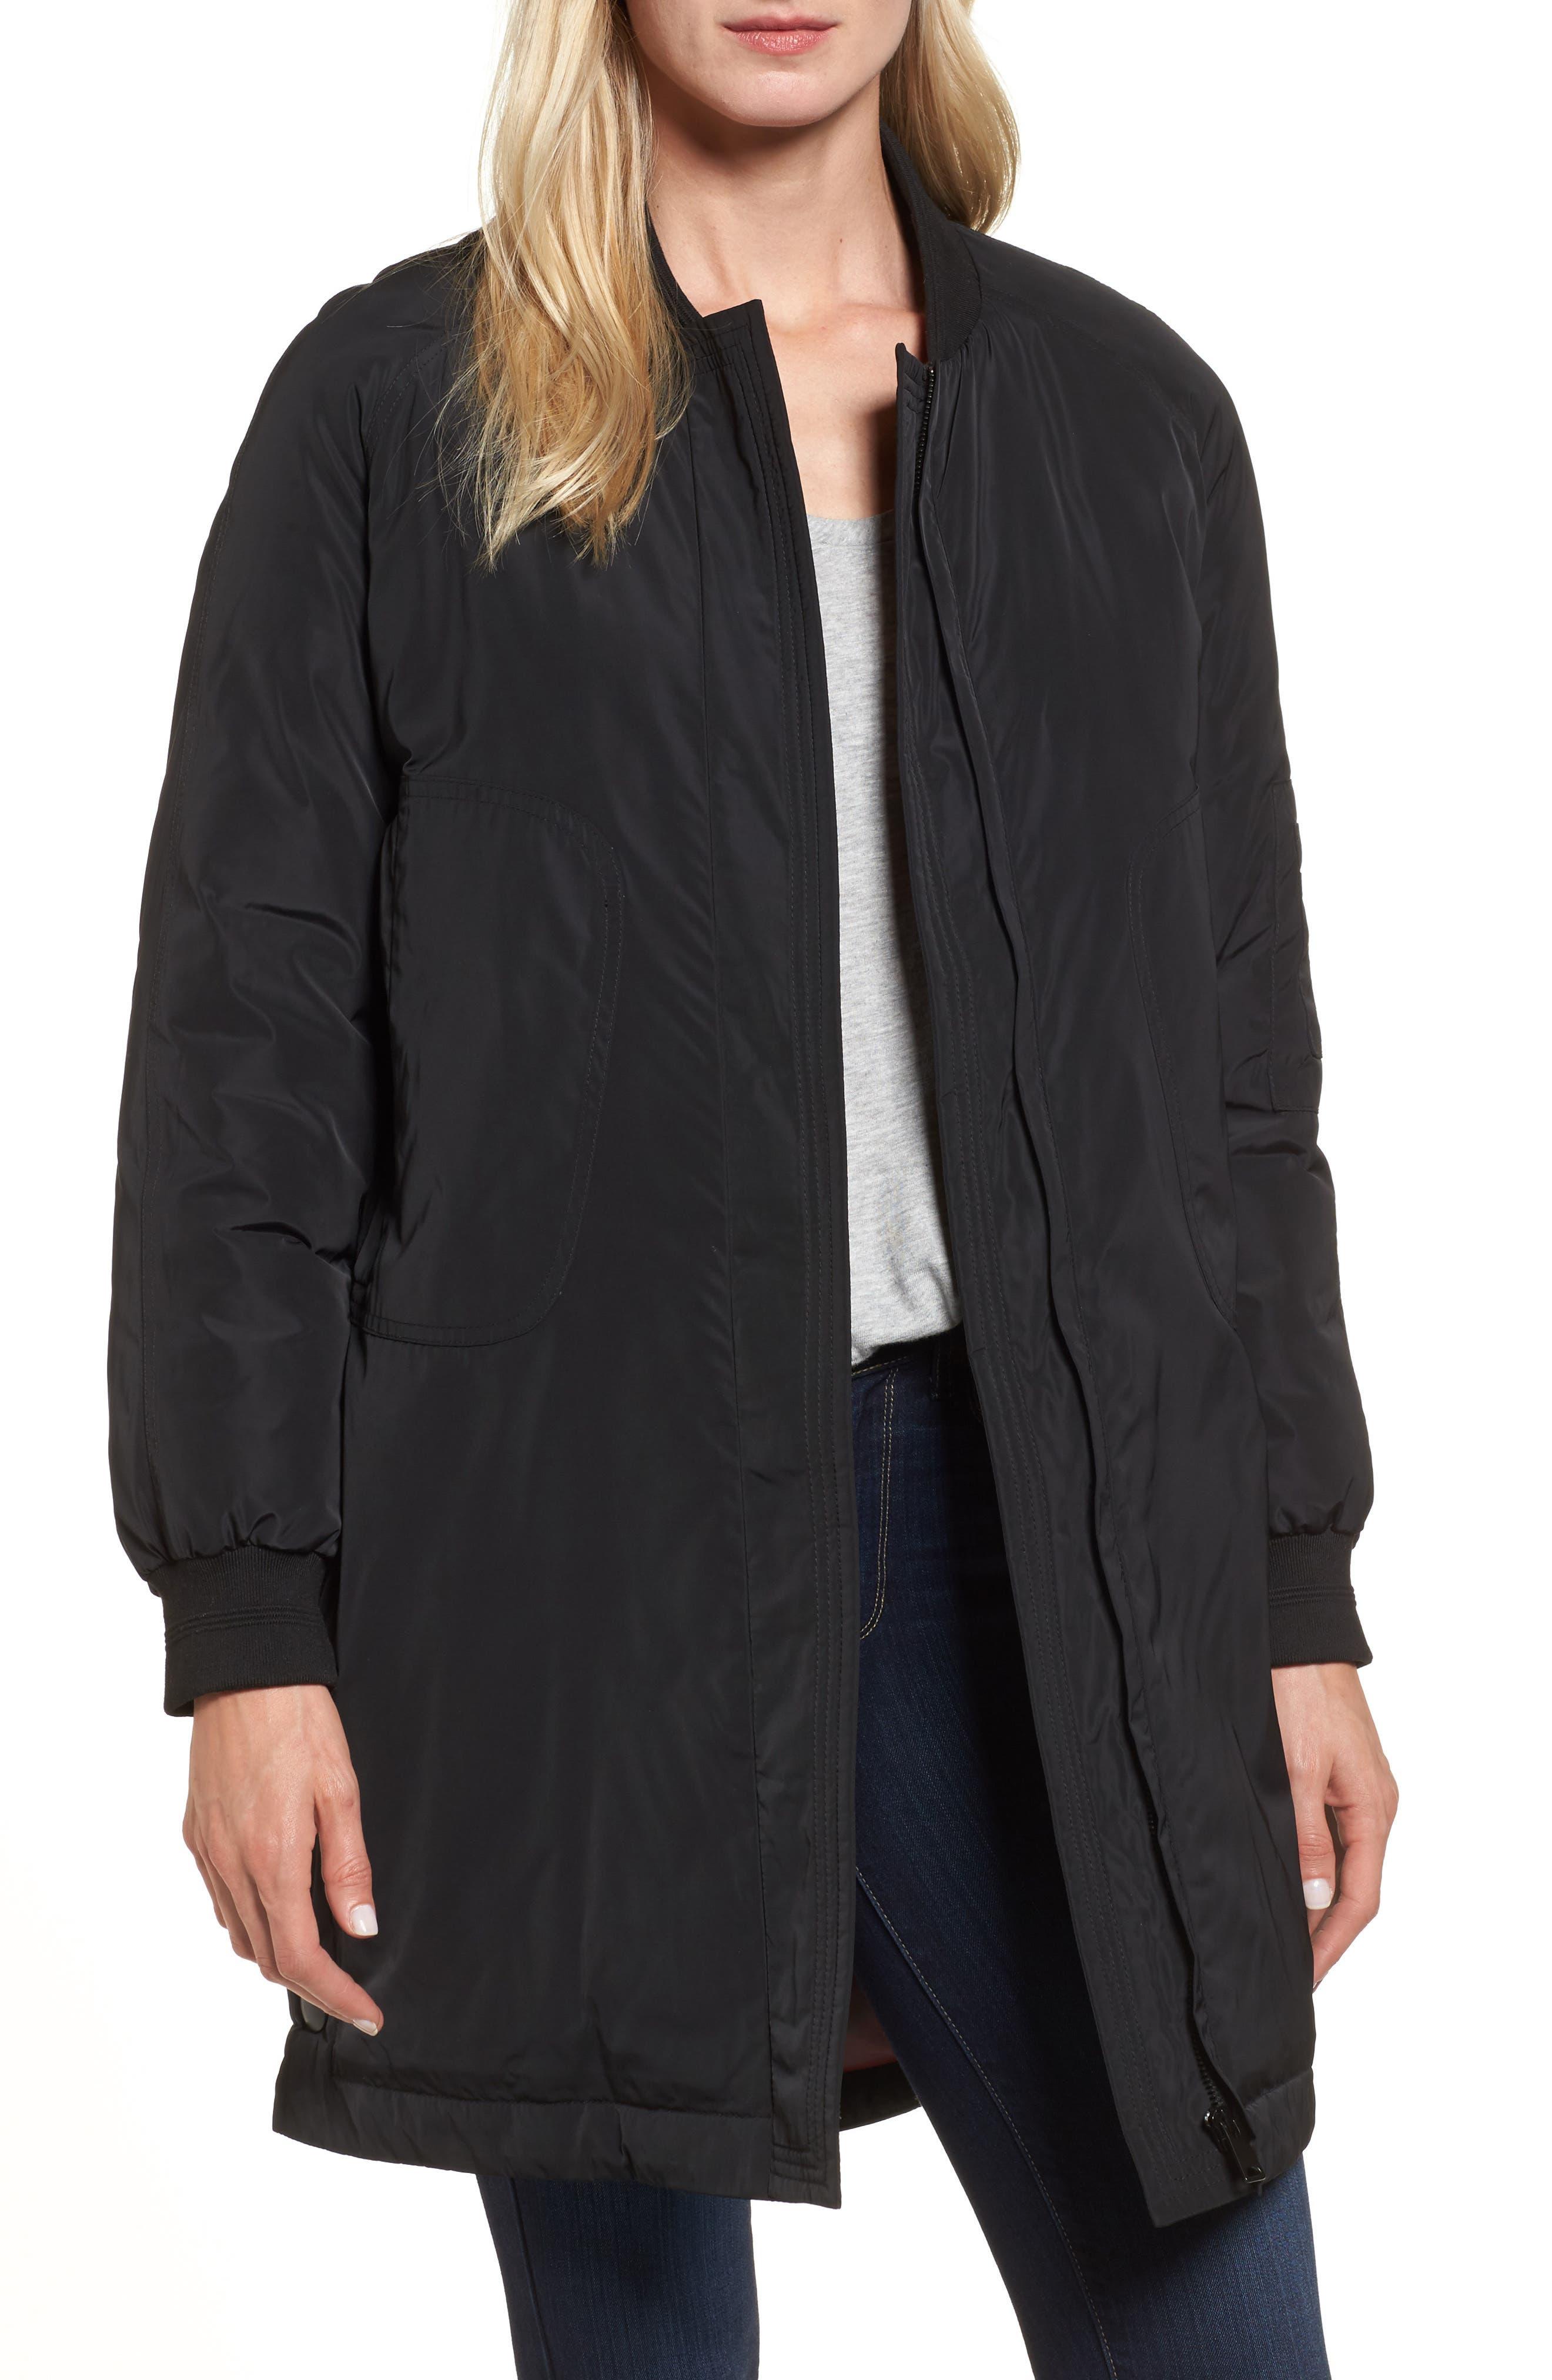 Main Image - NVLT Puffer Jacket